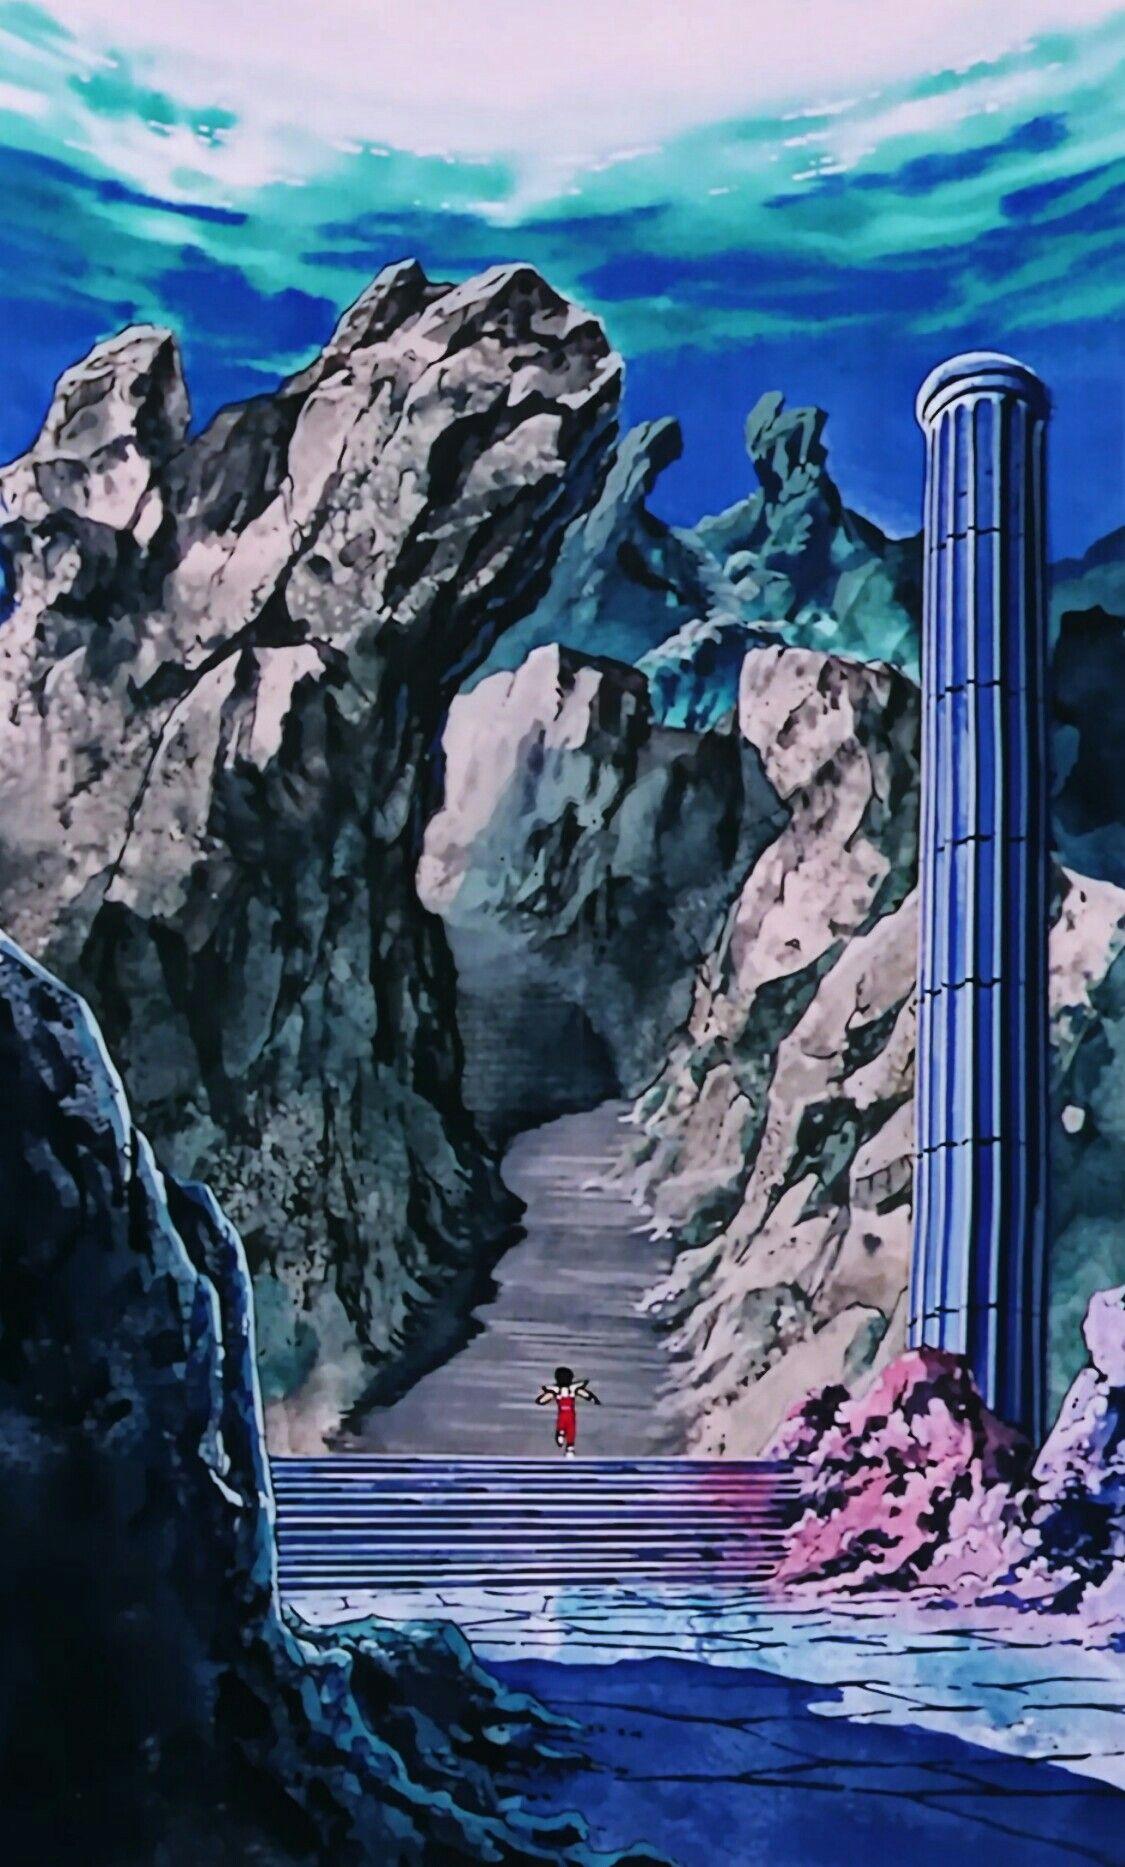 Templo de Poseidon - Prólogo A45fe1d6e5cad50e24a4d568fb12065a